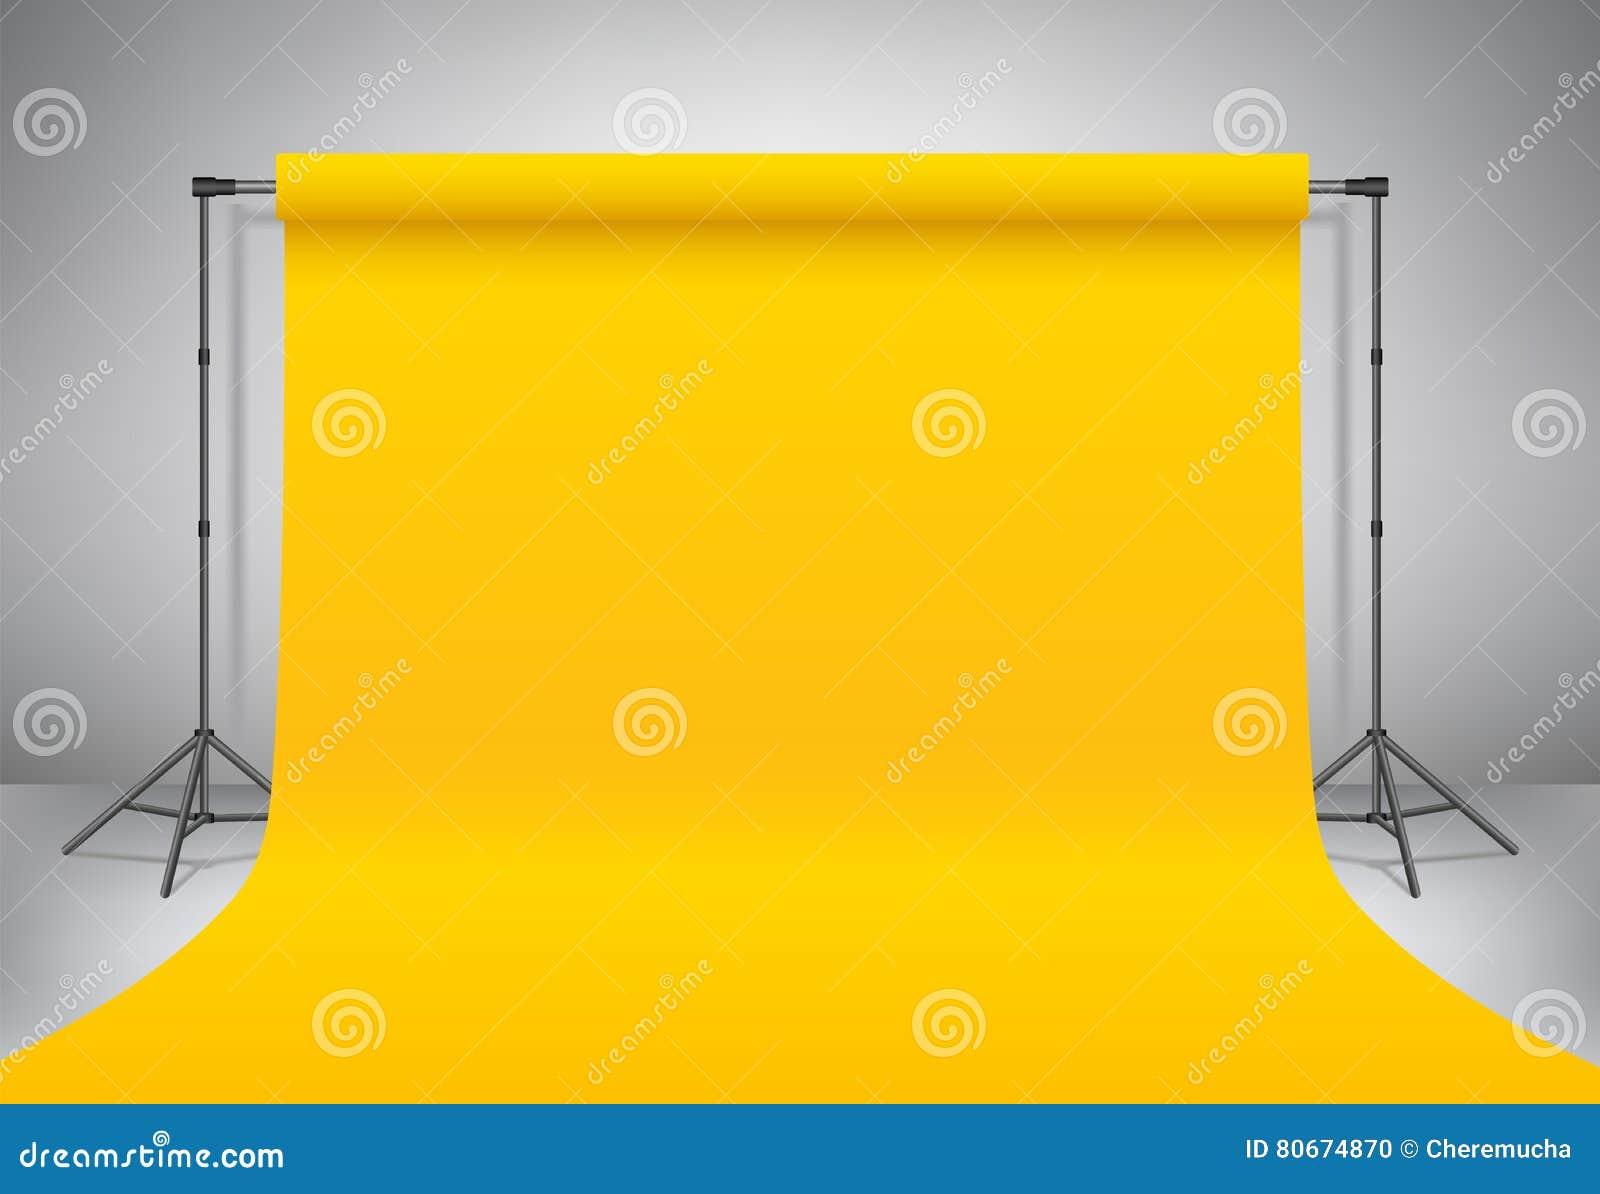 空的黄色照片演播室 现实传染媒介模板嘲笑 背景有黄色纸背景的立场三脚架